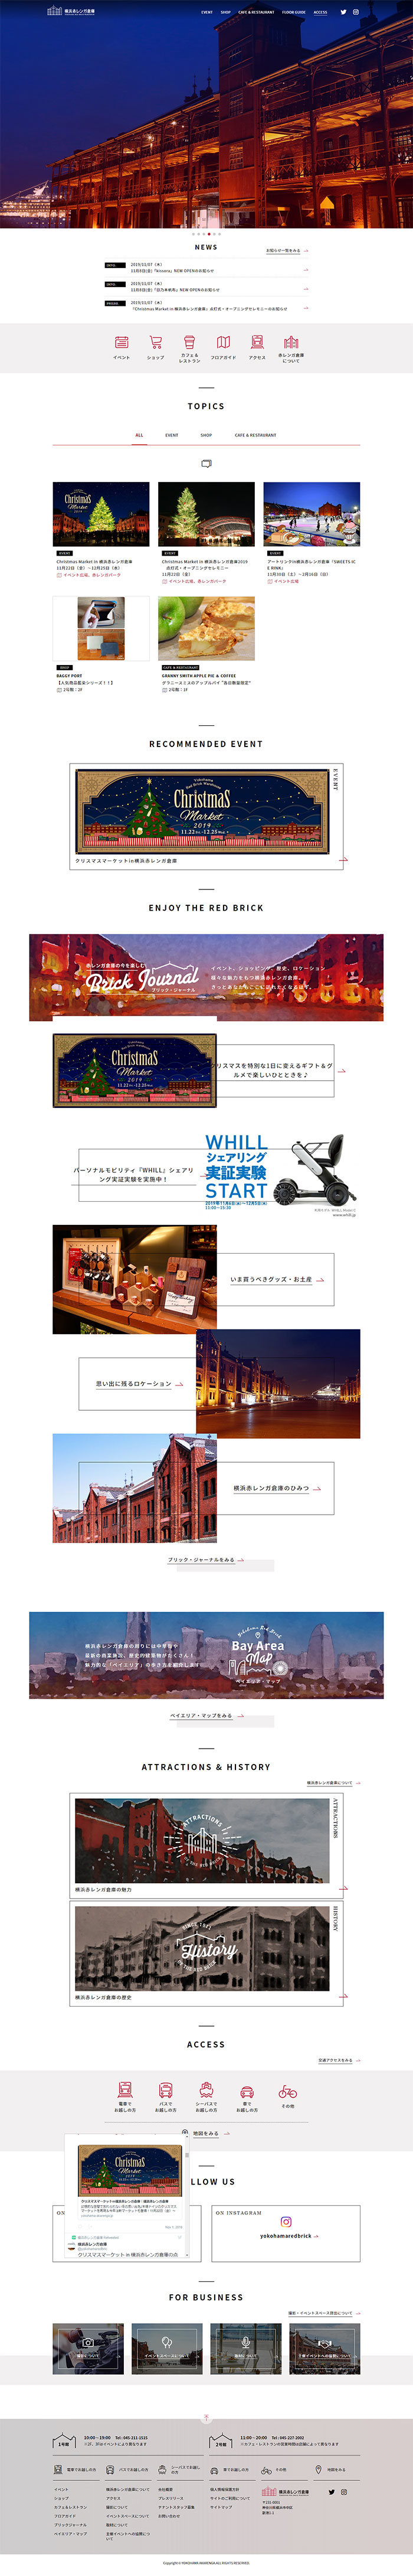 横浜赤レンガ倉庫|横浜の観光、イベント、文化や歴史を楽しめる施設